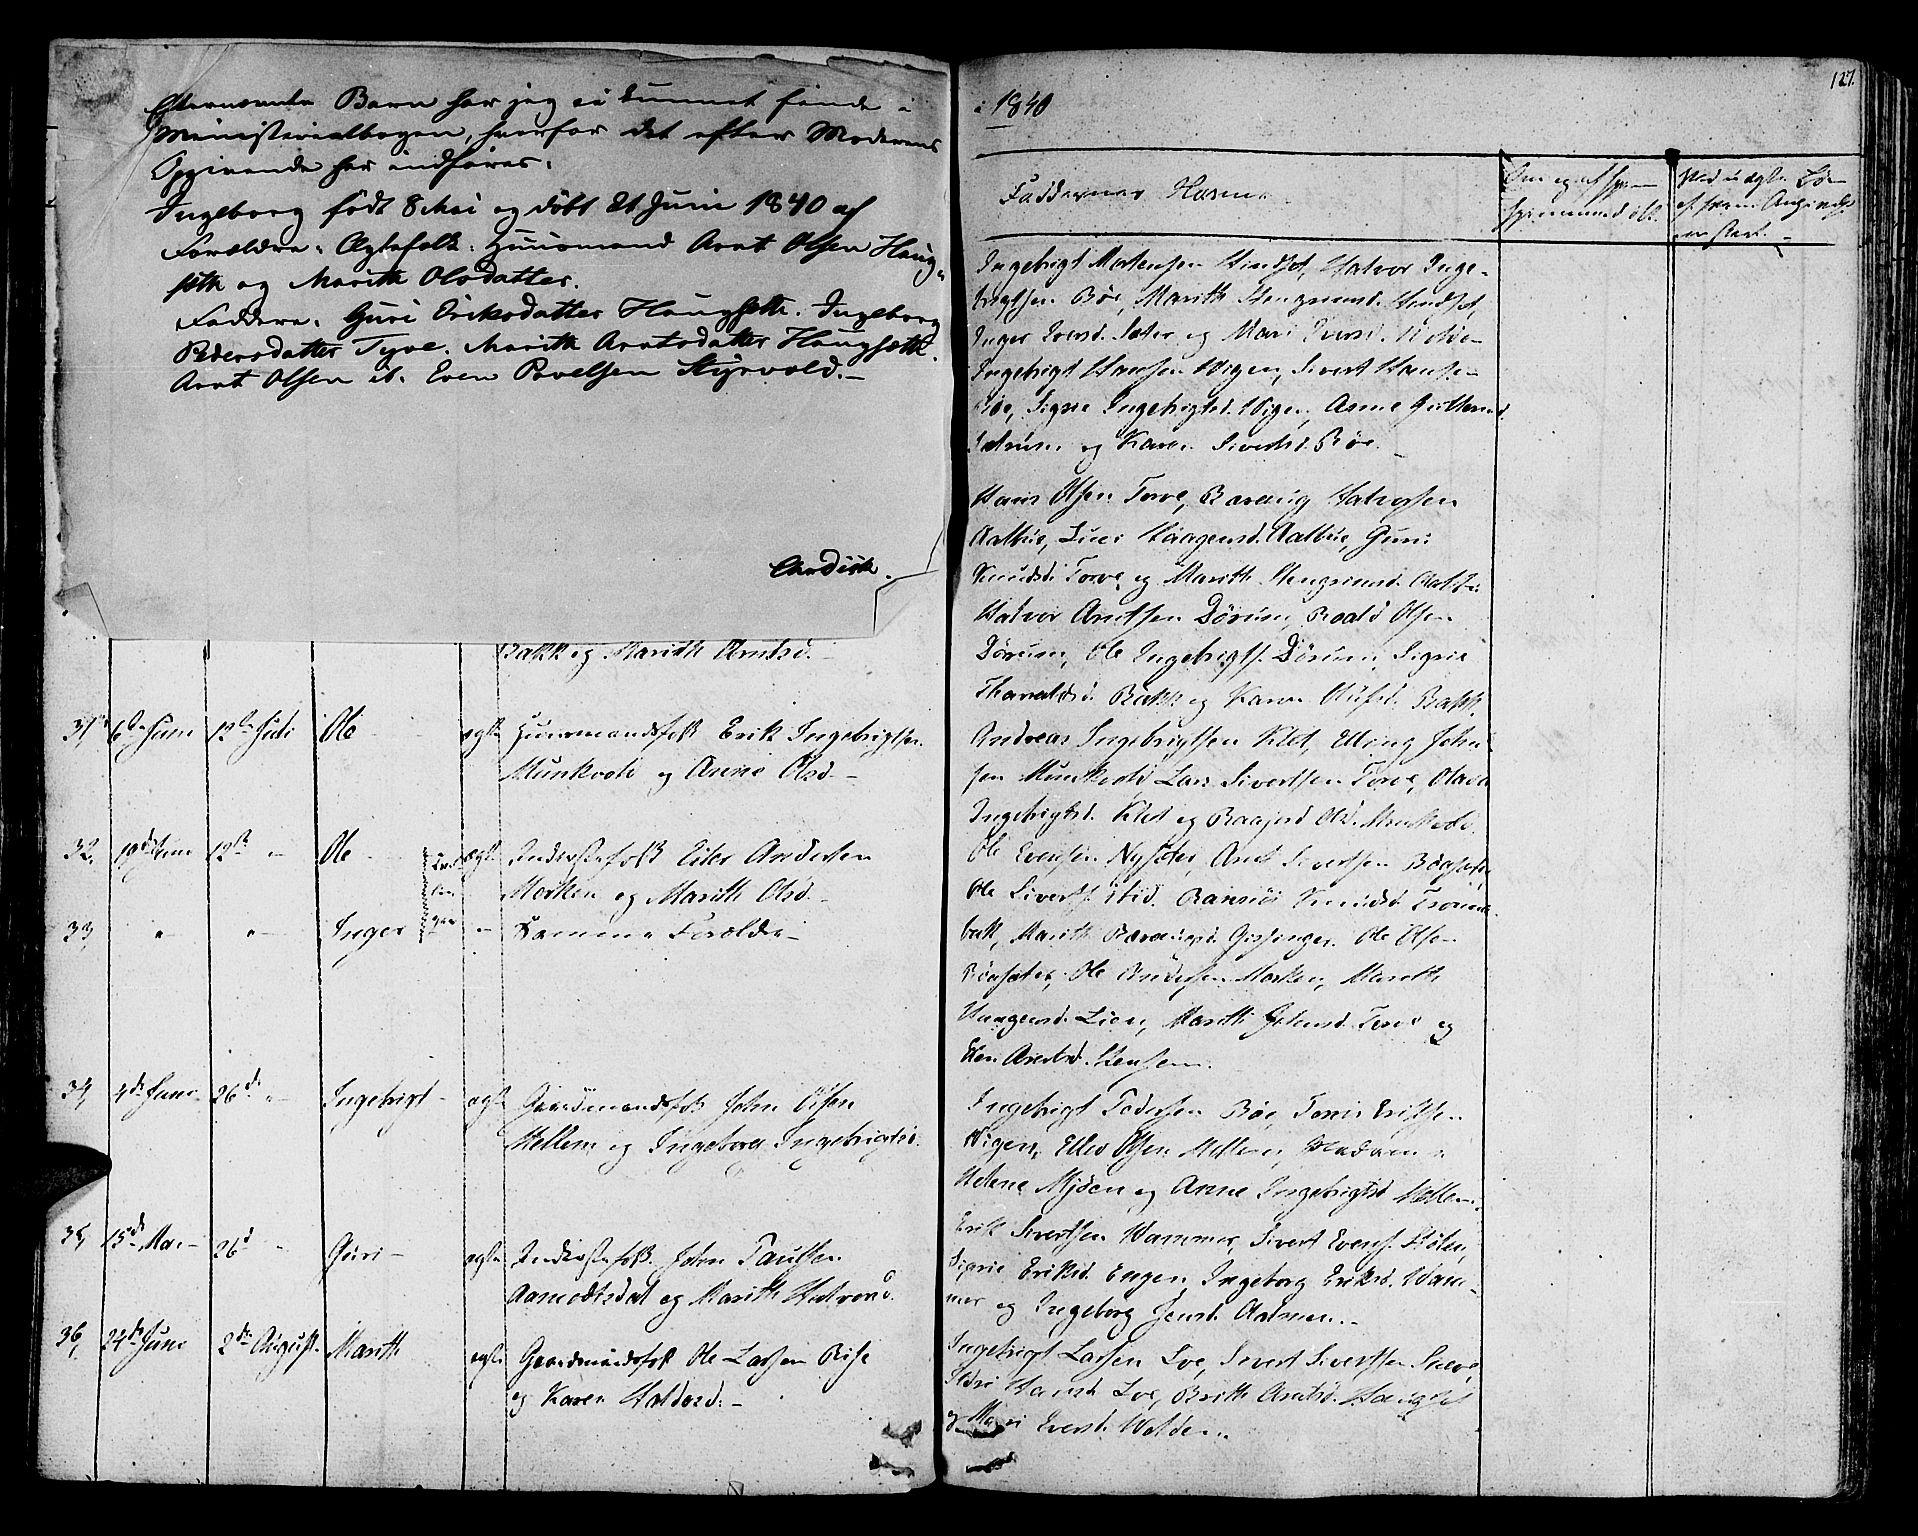 SAT, Ministerialprotokoller, klokkerbøker og fødselsregistre - Sør-Trøndelag, 678/L0897: Ministerialbok nr. 678A06-07, 1821-1847, s. 127